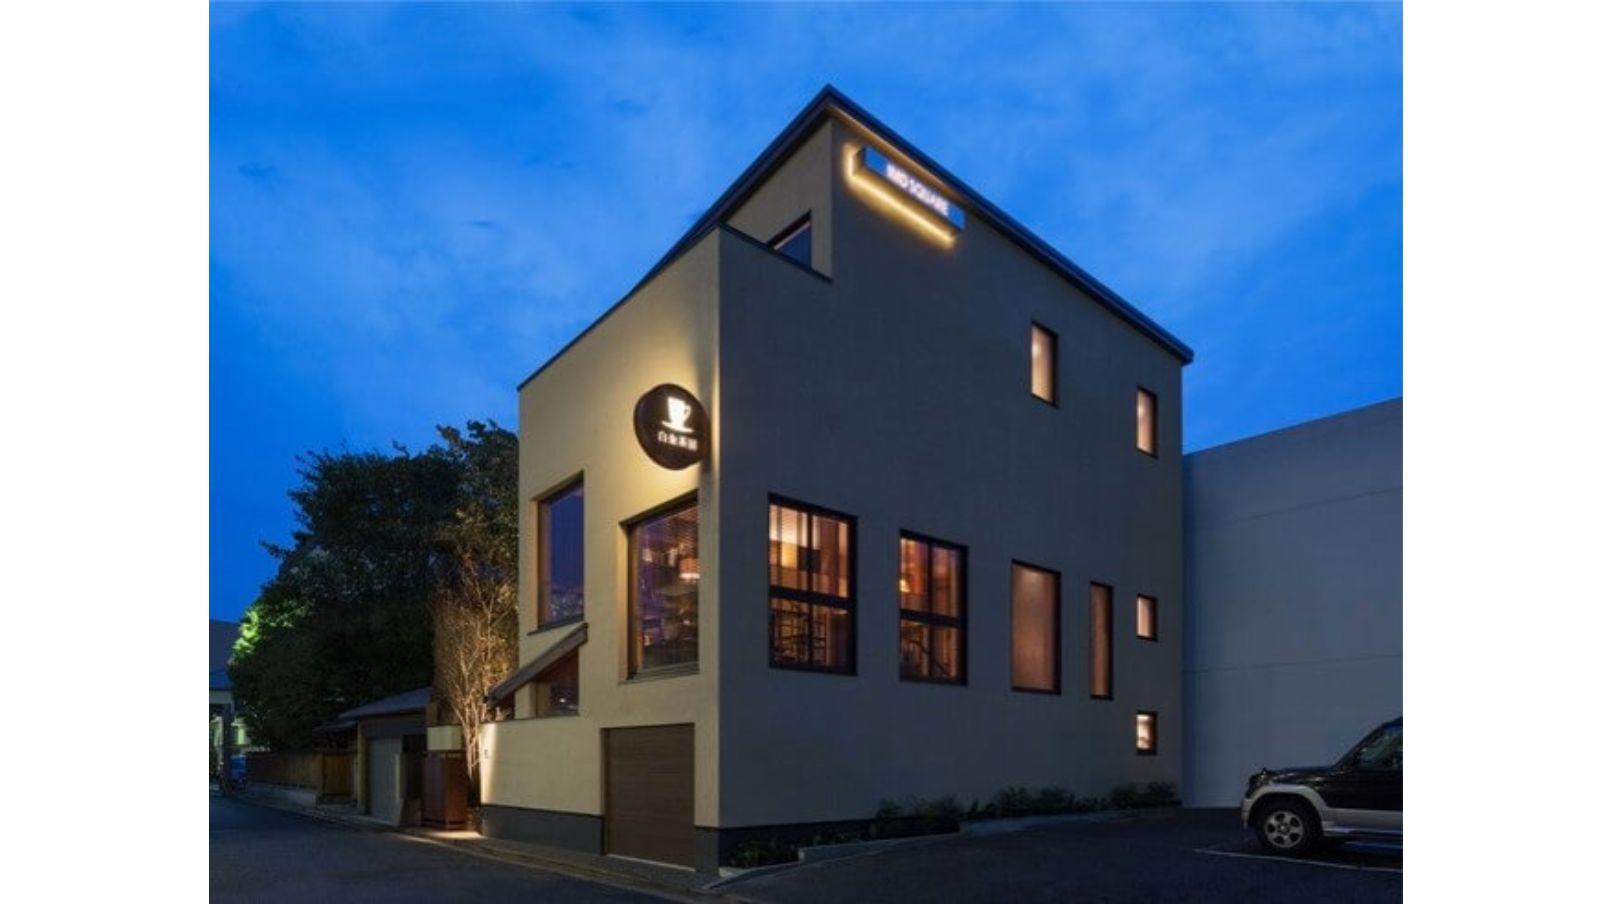 店舗マネジメントツール「はたLuck(R)」 レストラン、カフェ、ホテルを運営するコングロマリット企業初!IMD Alliance株式会社が管理・運営するレストラン12店に導入